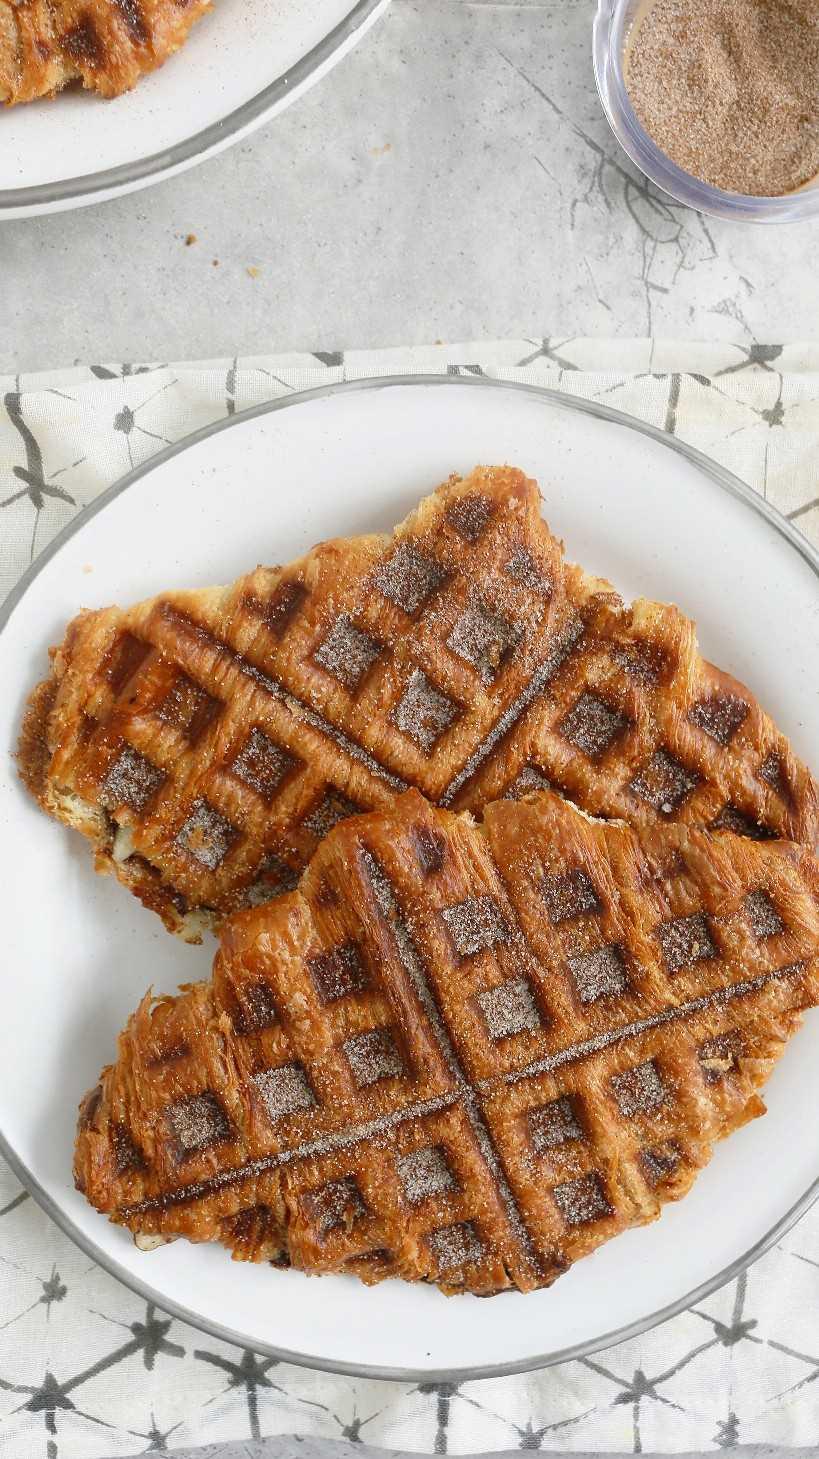 sandwich de croissant de nutella